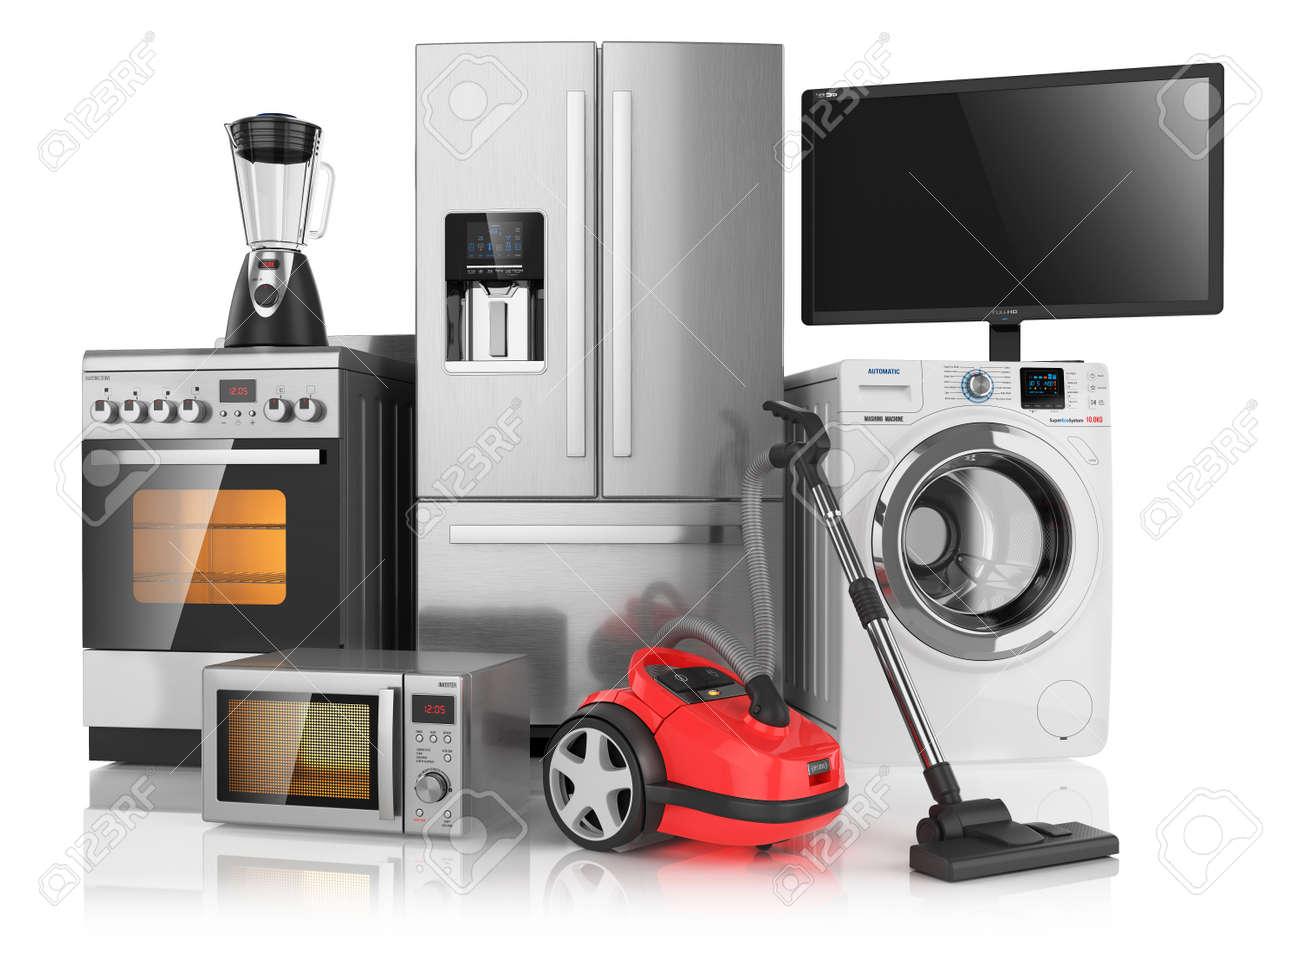 Electrodomesticos De Cocina | Conjunto De Los Electrodomesticos De Cocina Aislado En Fondo